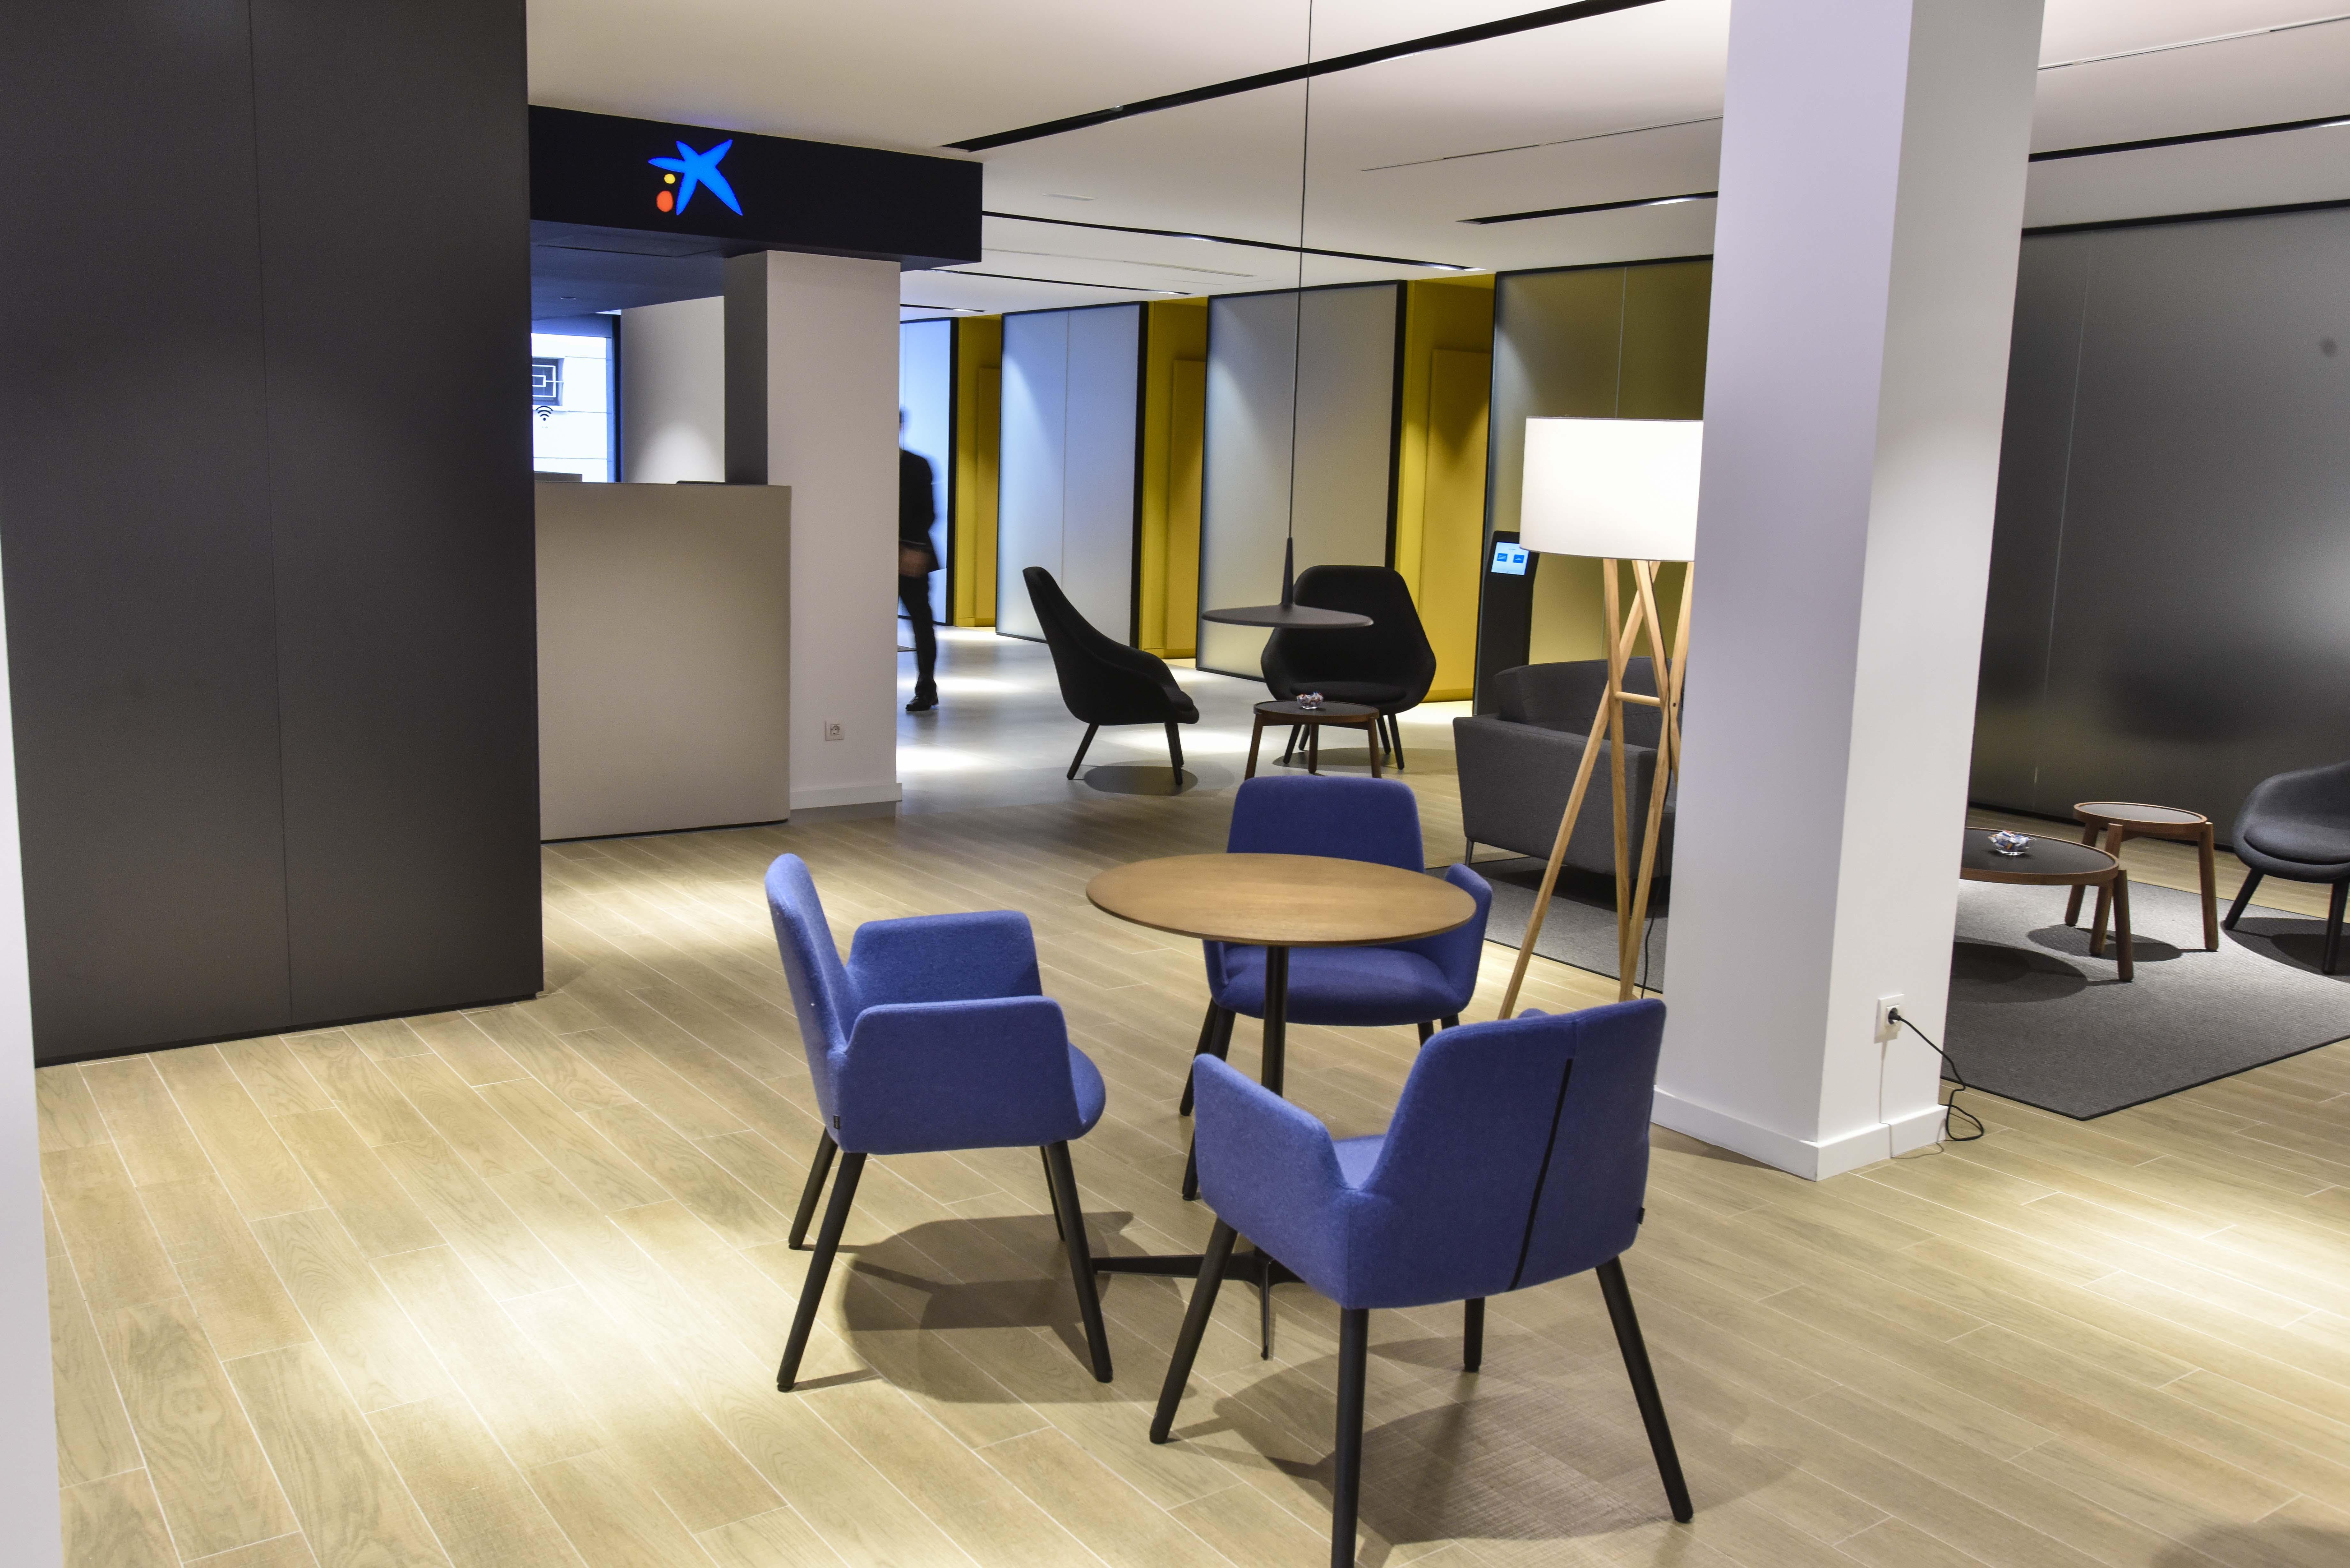 Caixabank abrir 200 oficinas de su nuevo modelo store en for La caixa oficinas zaragoza